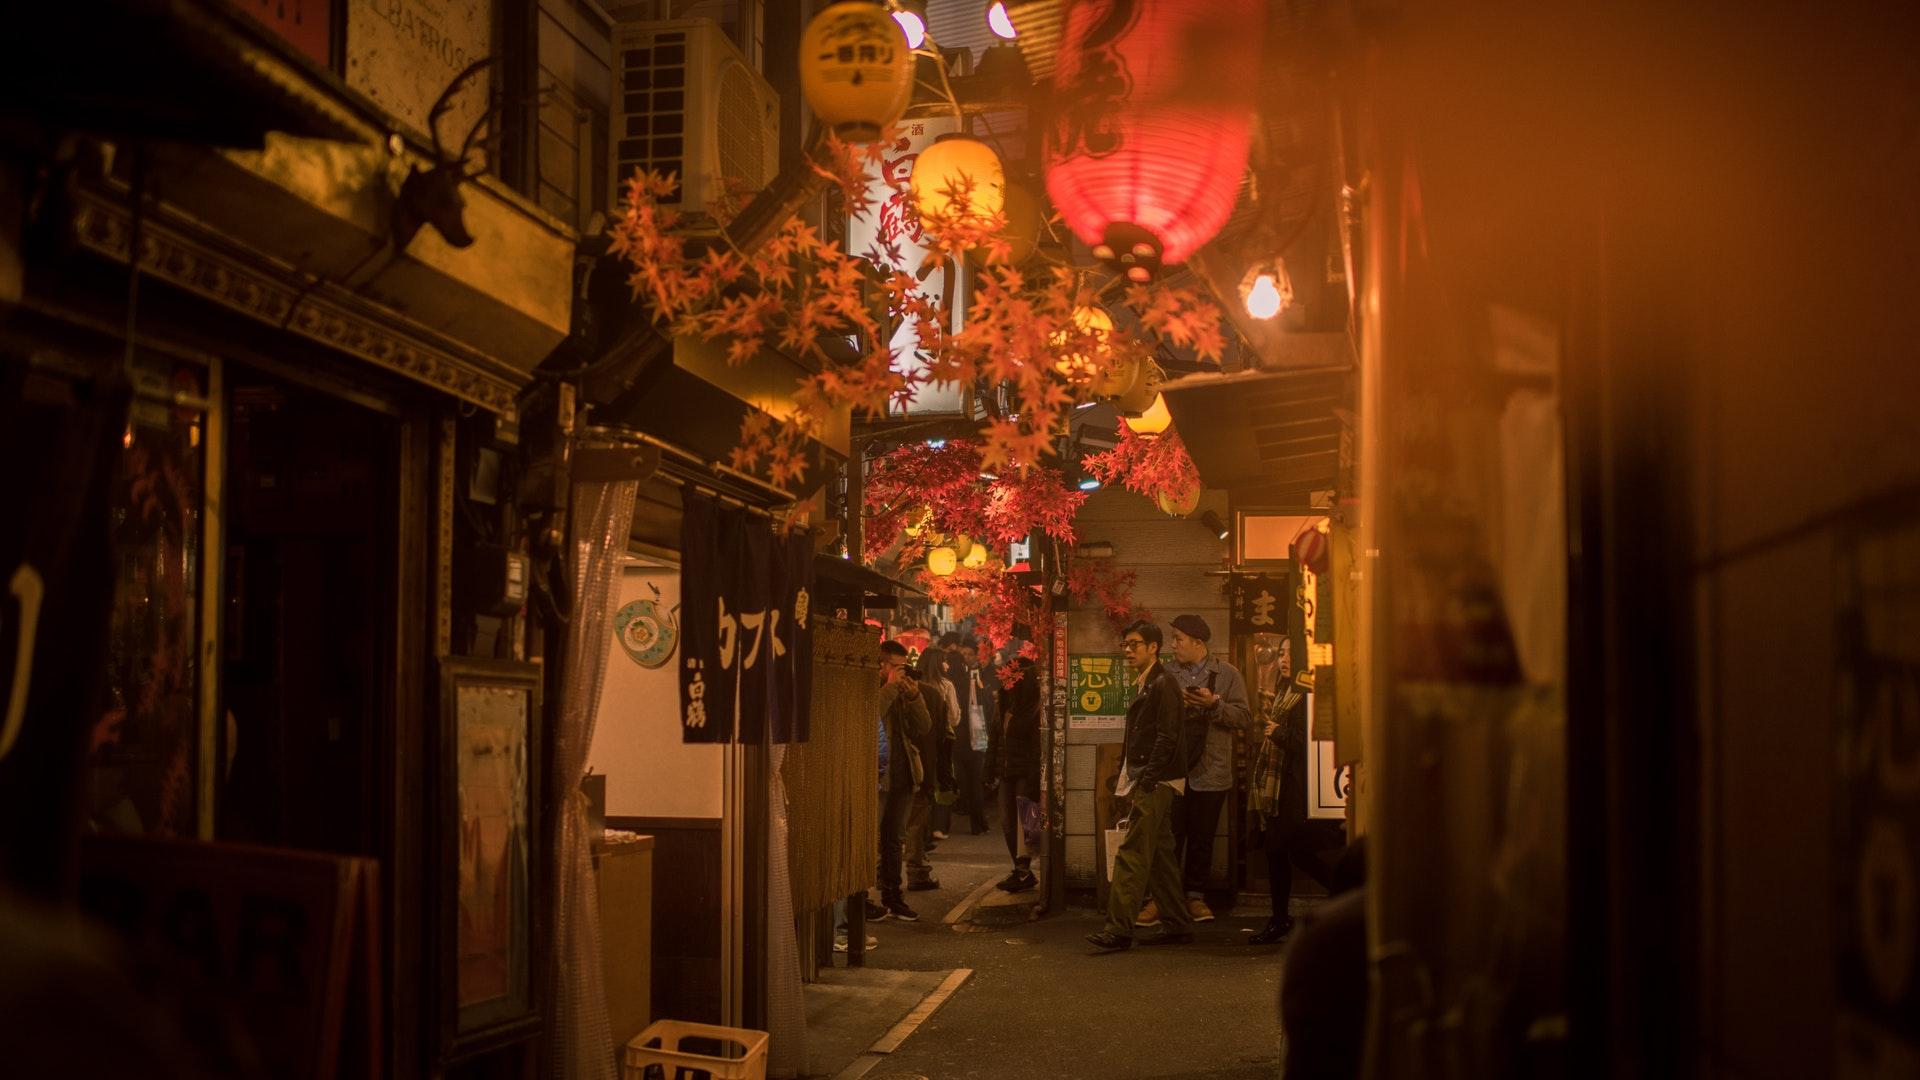 Kínai büfé, streetfood, olcsó étel